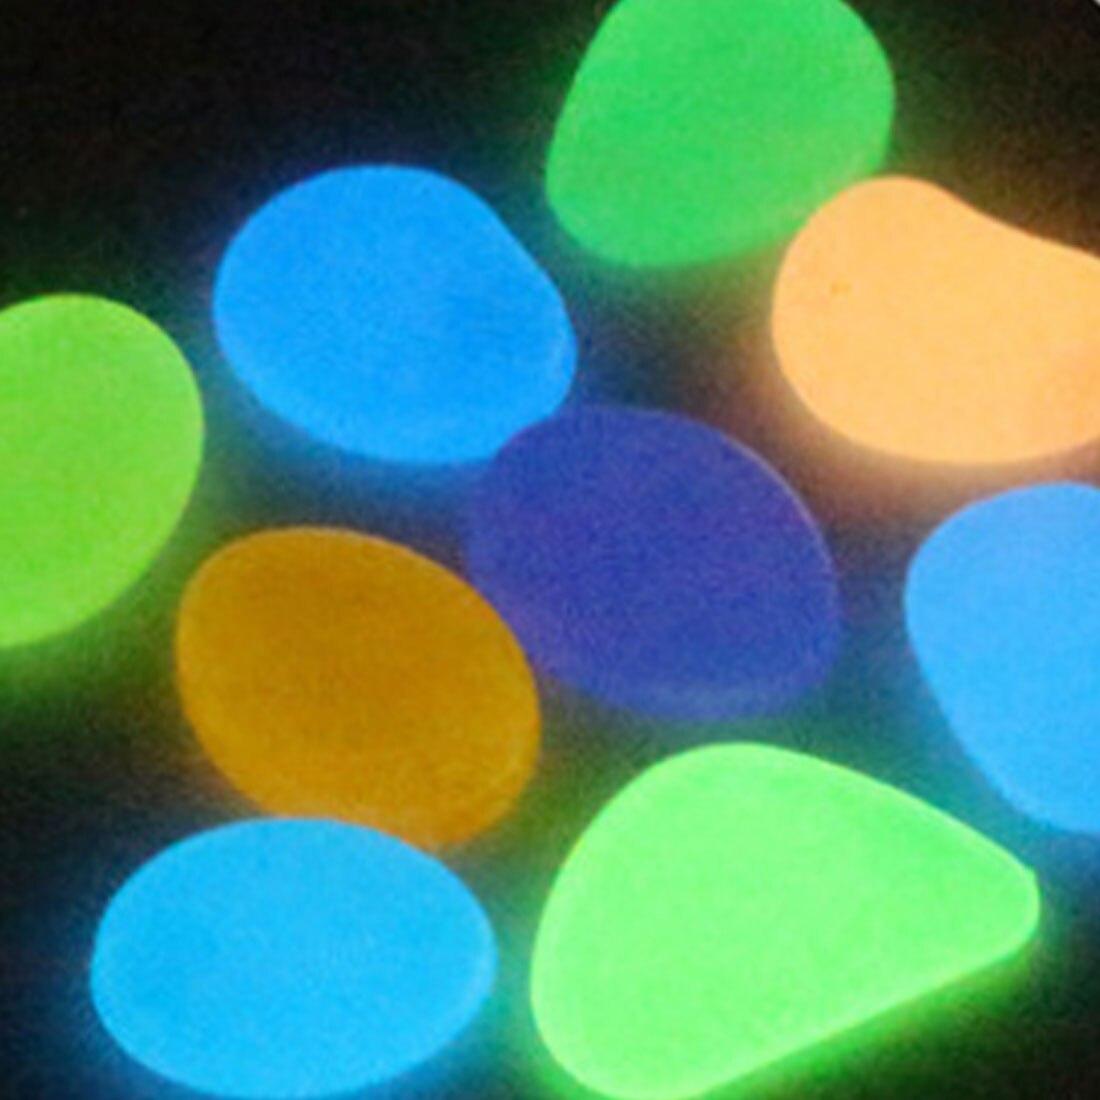 10Pcs צבע אקראי זוהר זוהר מלאכותי אבן אקווריום דגי טנק בונסאי גן דקור זוהר בחושך חלוקי אבנים